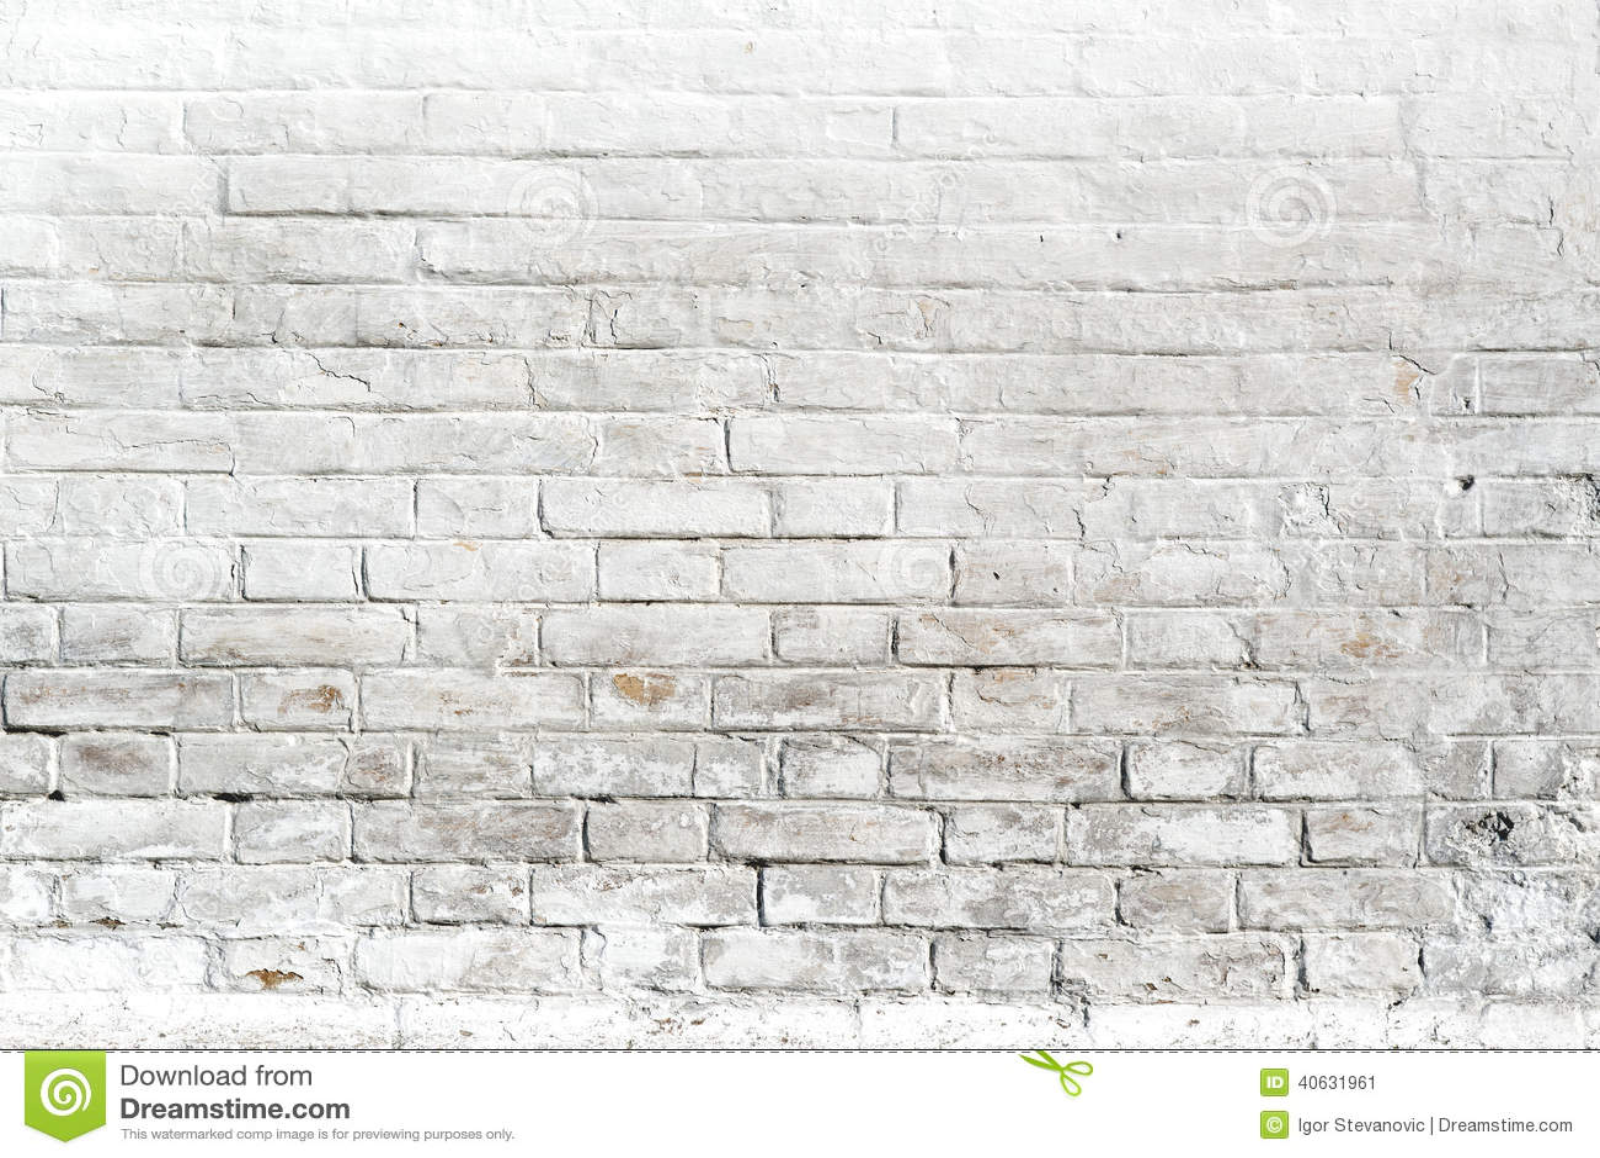 Pared de ladrillo blanca para el fondo o la textura foto - Pared ladrillo blanco ...